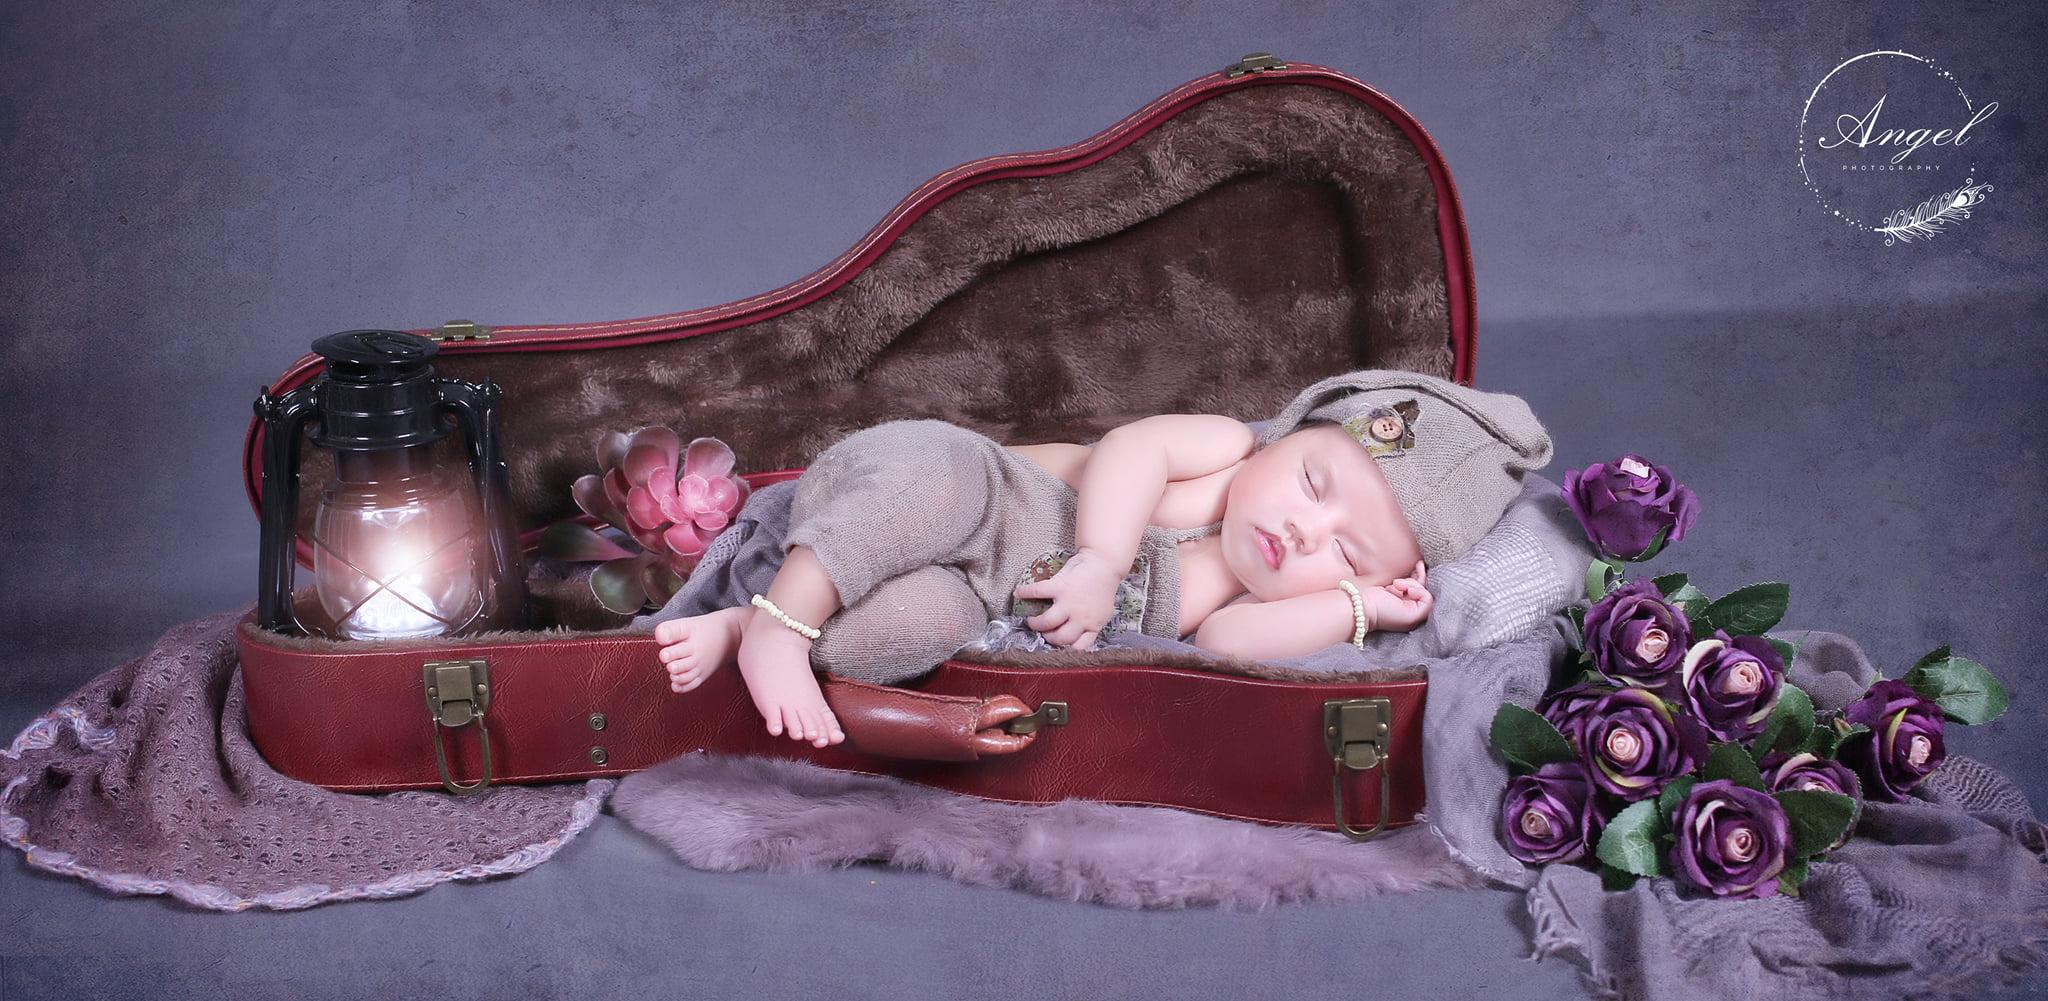 Top 6 Địa chỉ nhận chụp ảnh bé đẹp và chất lượng nhất Bình Dương - Angel - Ảnh viện cho bé